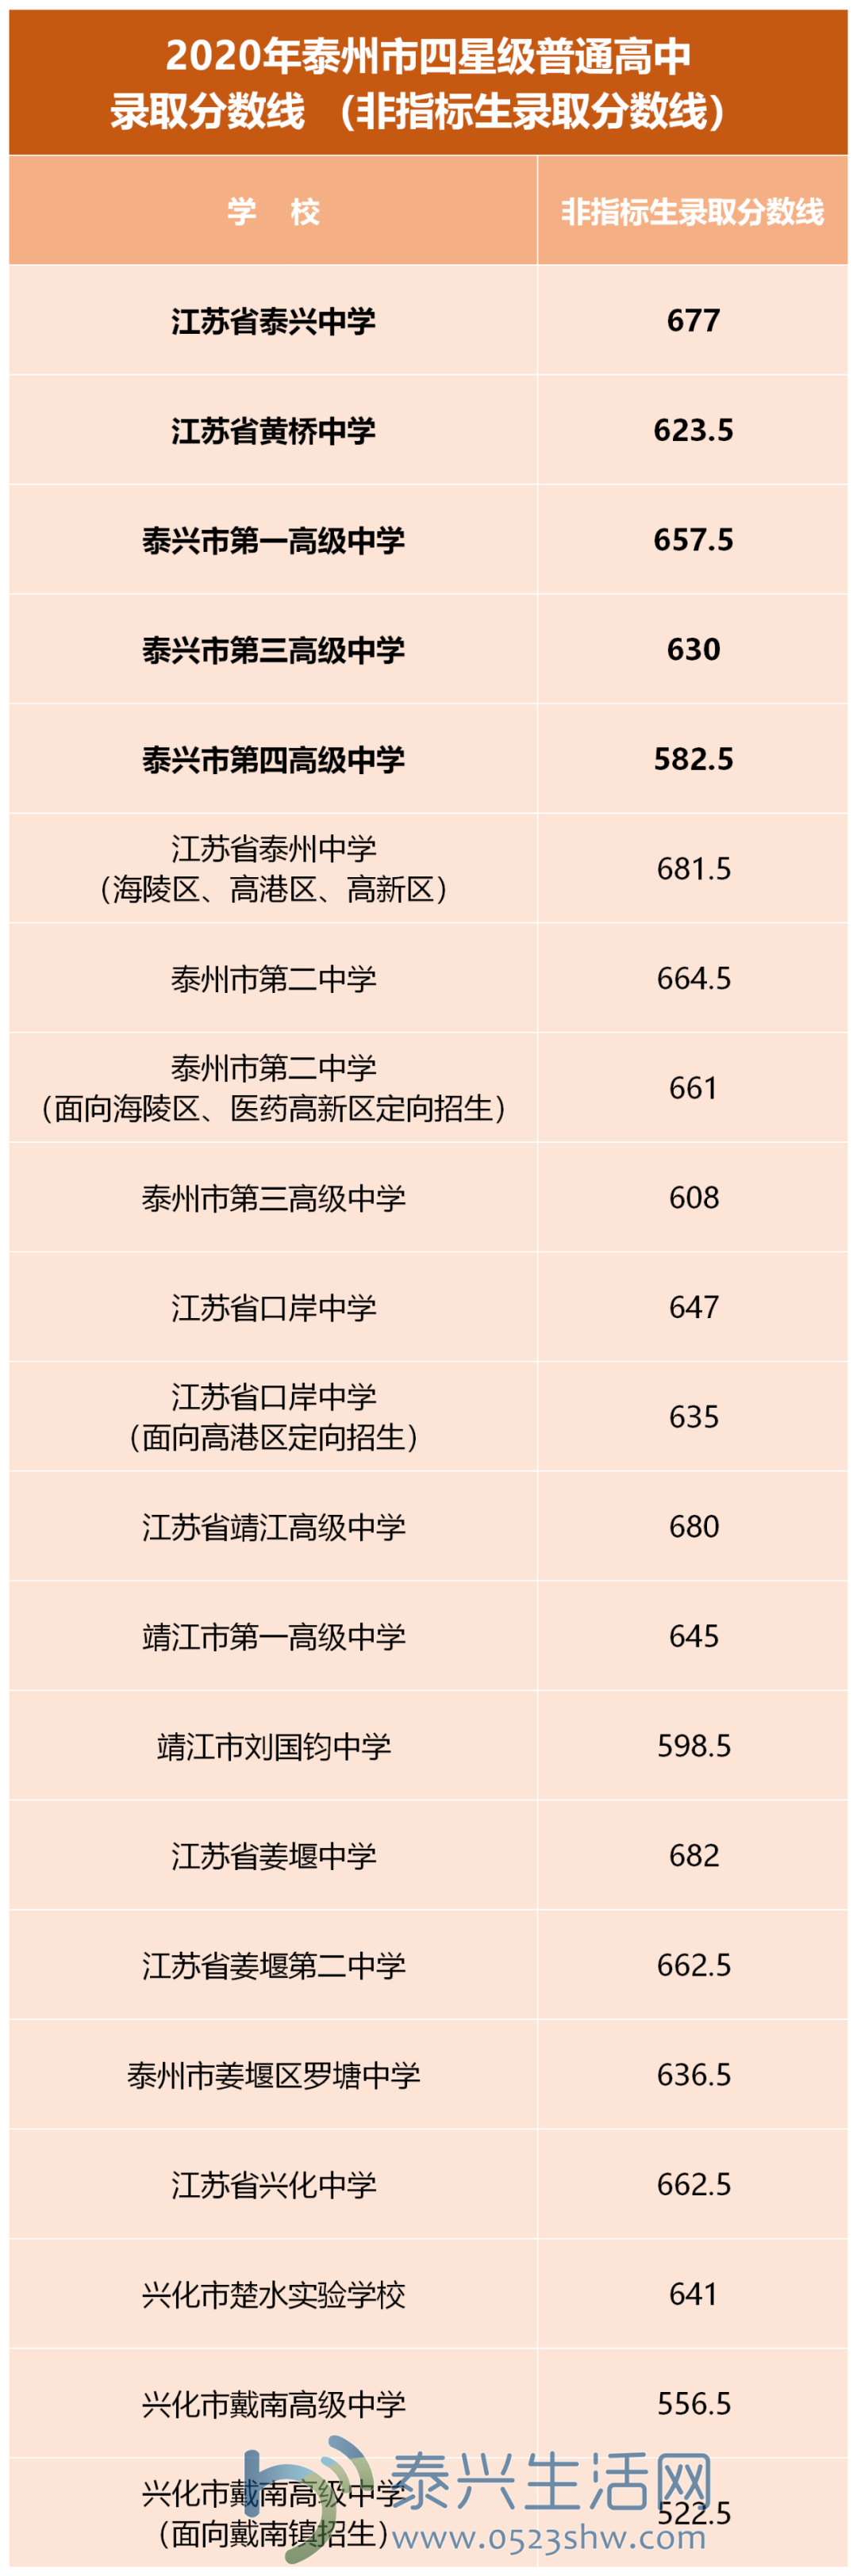 2020年泰州中考录取分数线已公布